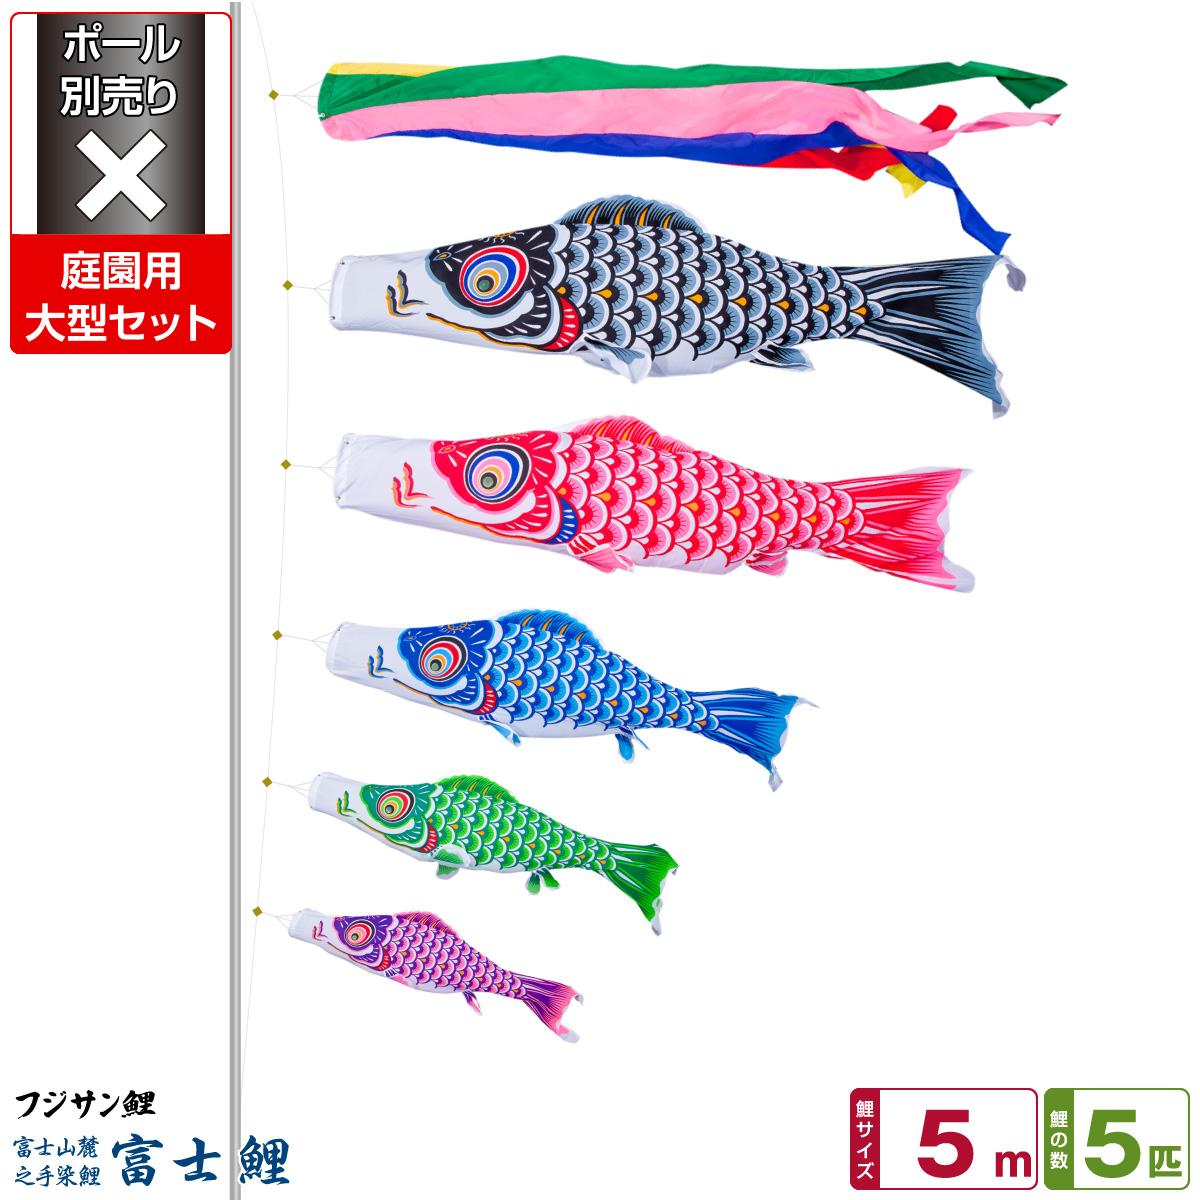 庭園用 こいのぼり 鯉のぼり フジサン鯉 富士鯉 5m 8点(吹流し+鯉5匹+矢車+ロープ)/庭園大型セット【ポール 別売】